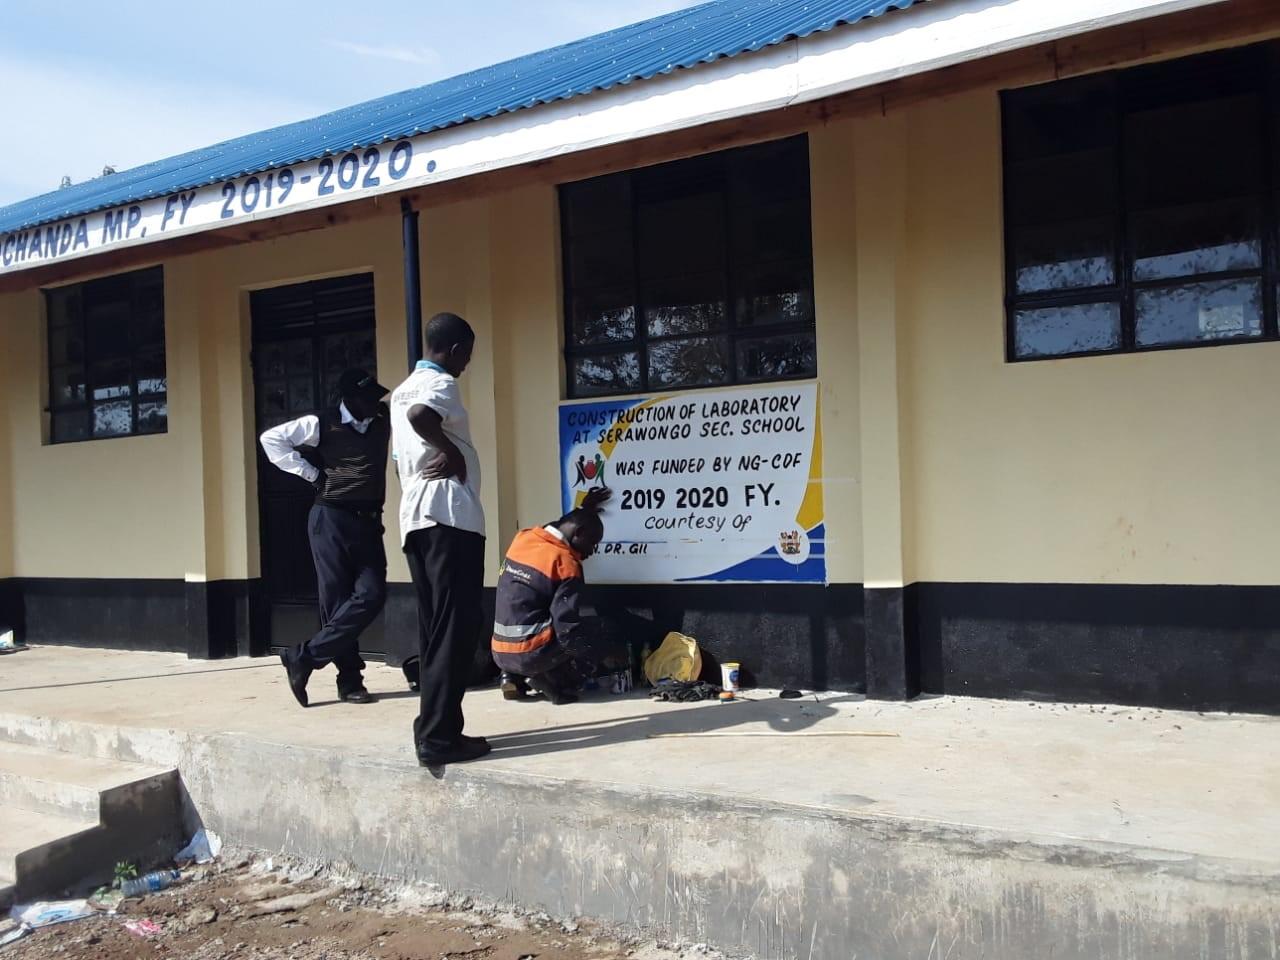 SERAWONGO SECONDARY SCHOOL LABORATORY